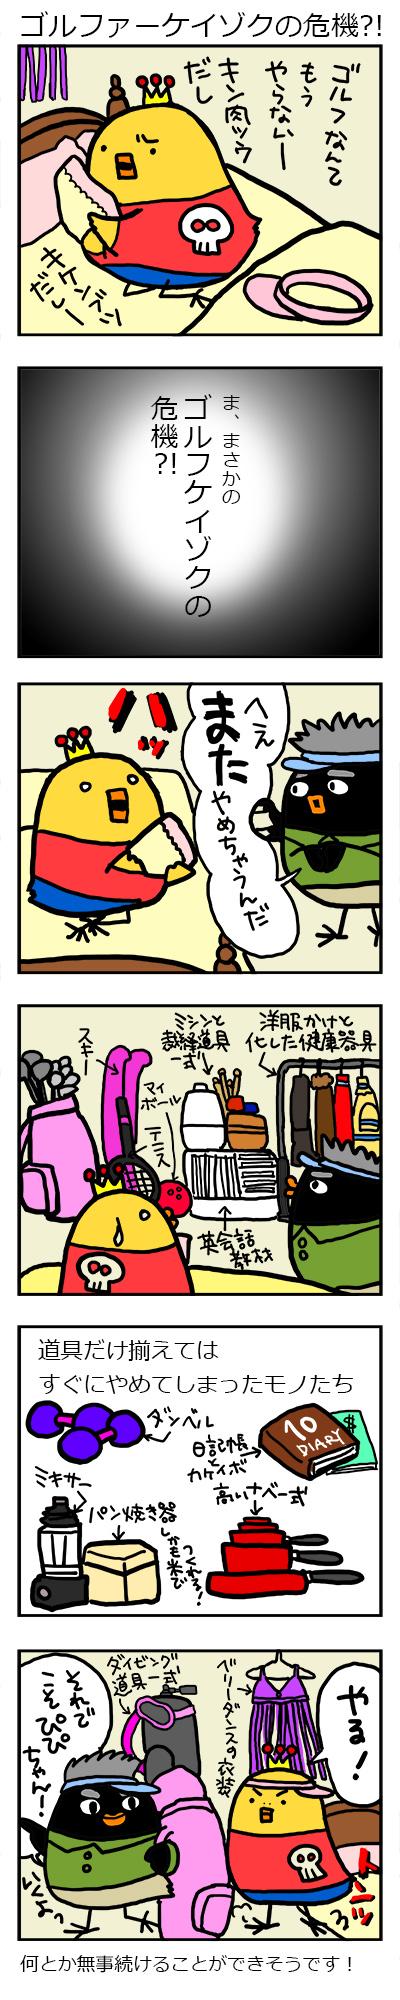 03_hina1.jpg